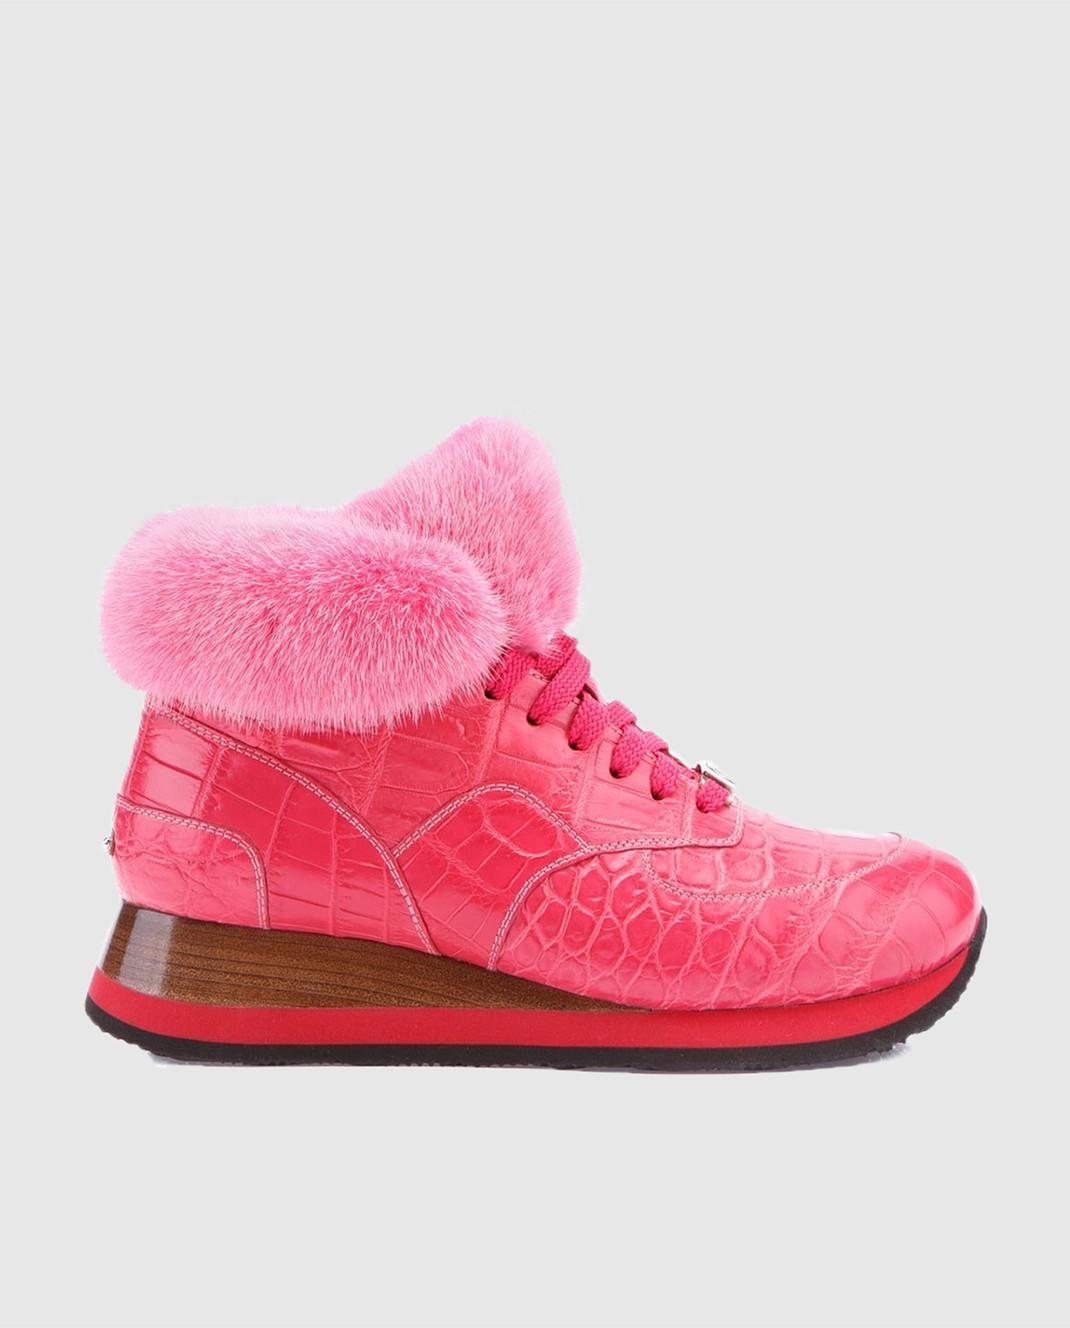 IGOR SENIN Розовые кроссовки ручной работы из кожи крокодила CROCO